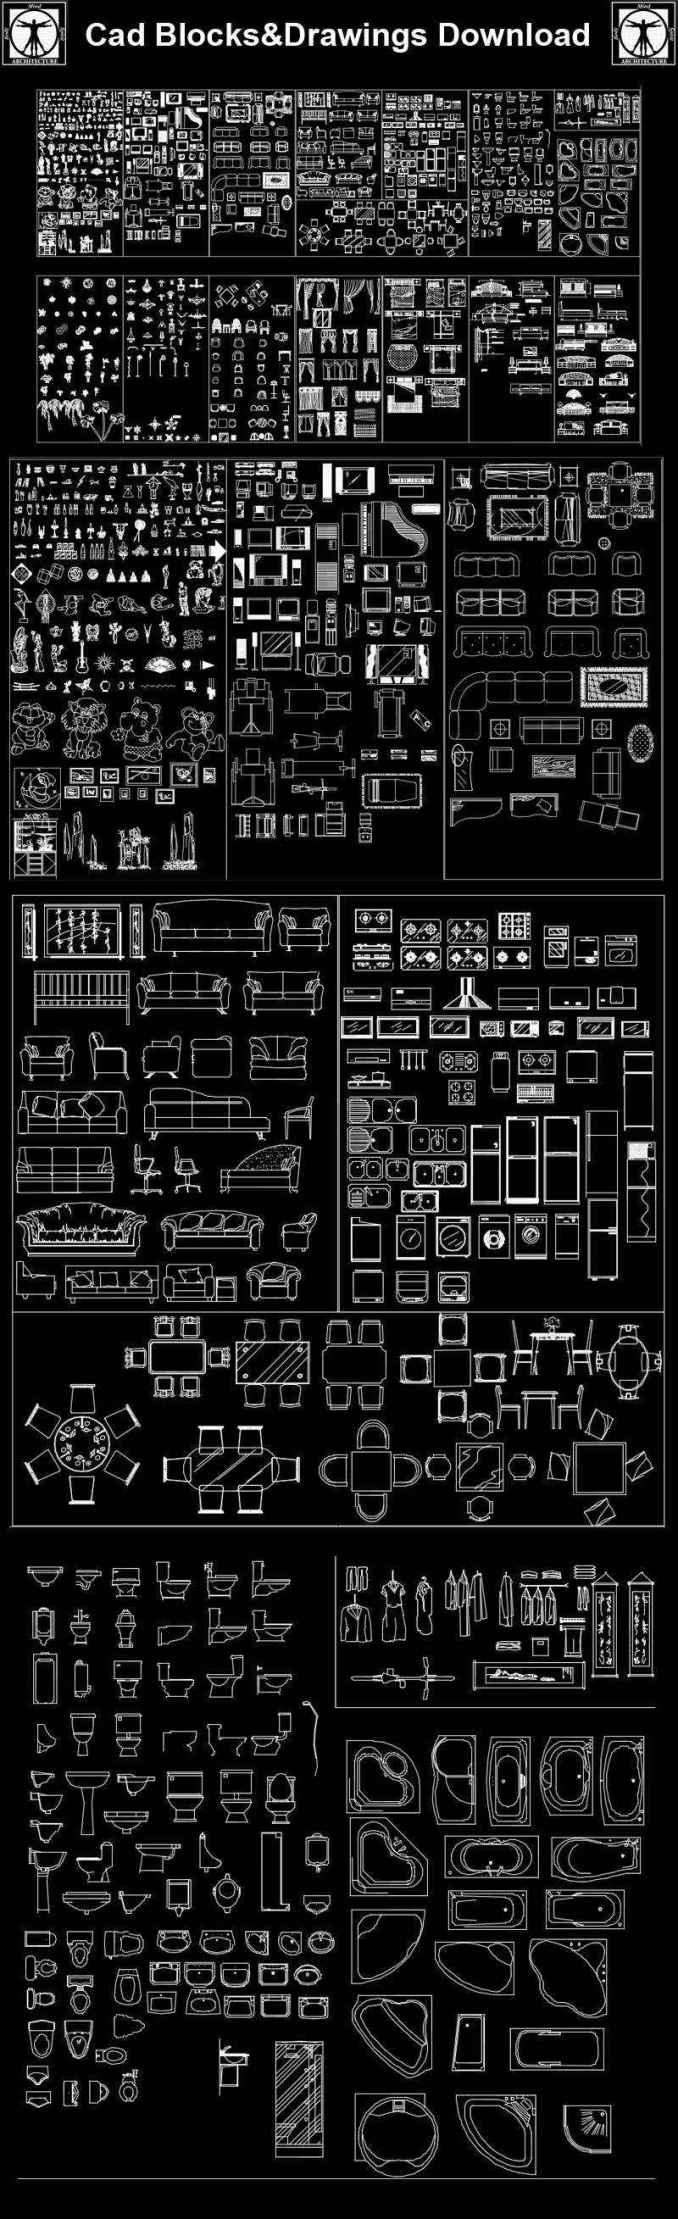 Bathroom design, toilet design, bath design, office design, home design, sofa design, bedroom design, designer chairs, fire place design, kitchen design, kitchen sink design and interior lighting.